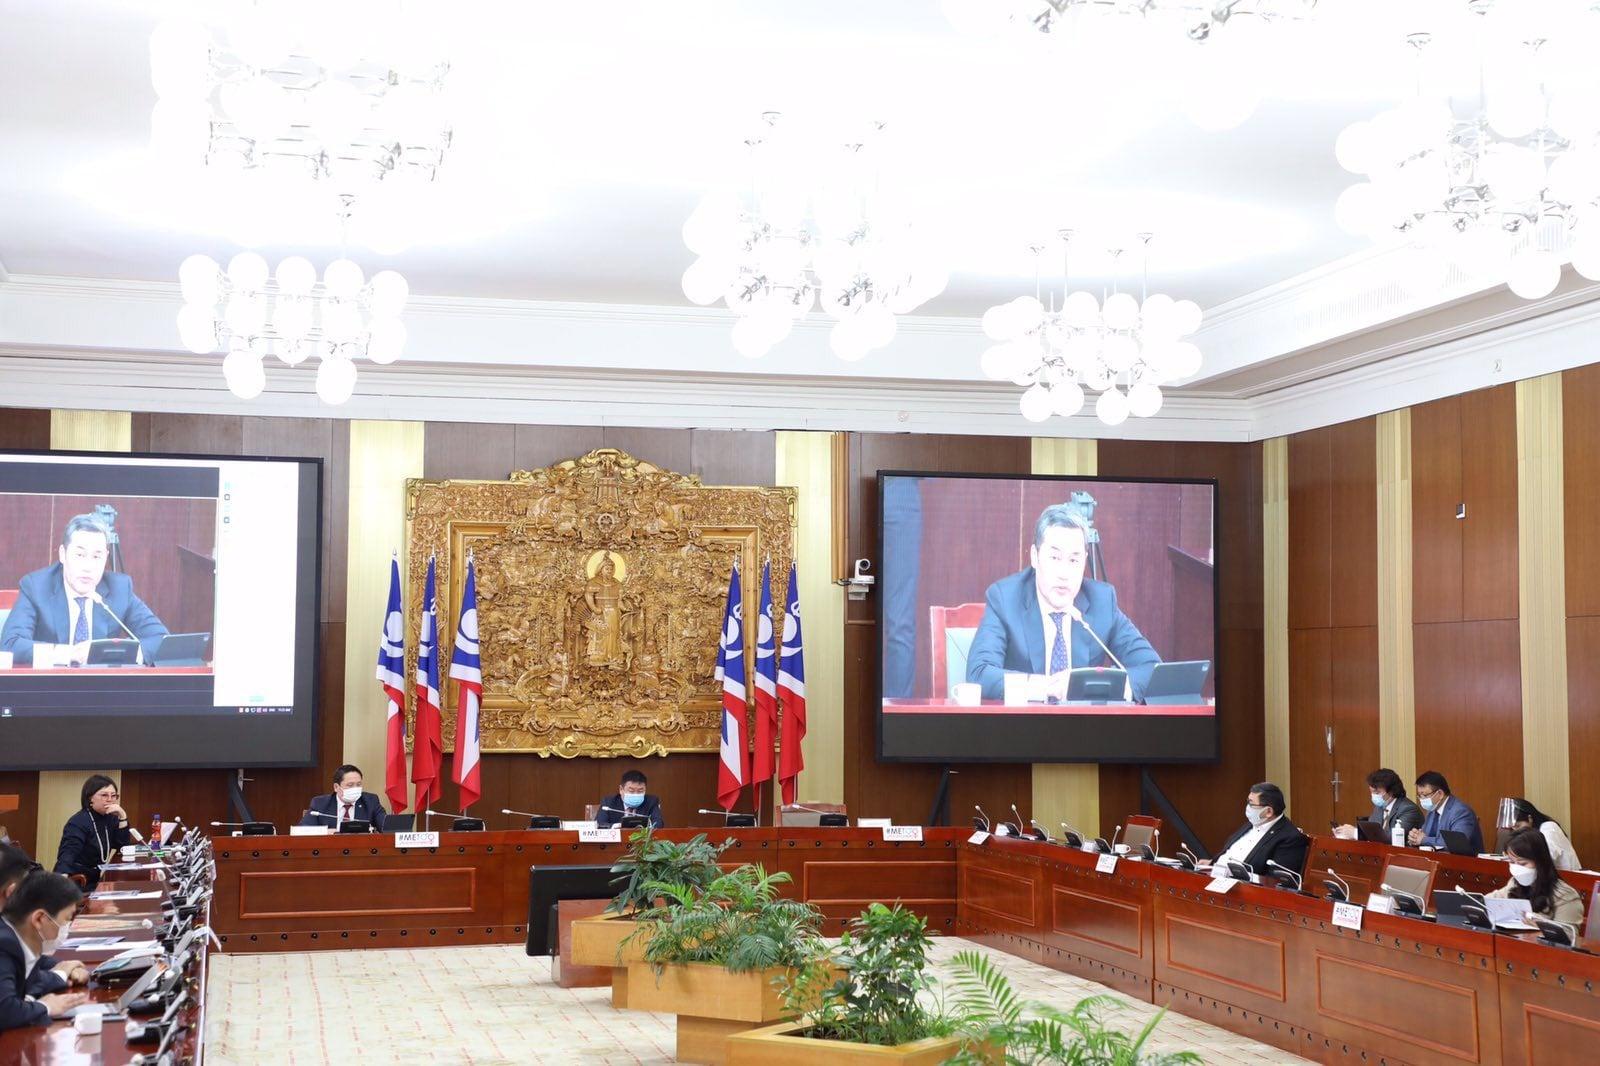 Оюутолгойн асуудалд Монгол Улсын эрх ашгийг нэгдүгээрт тавина